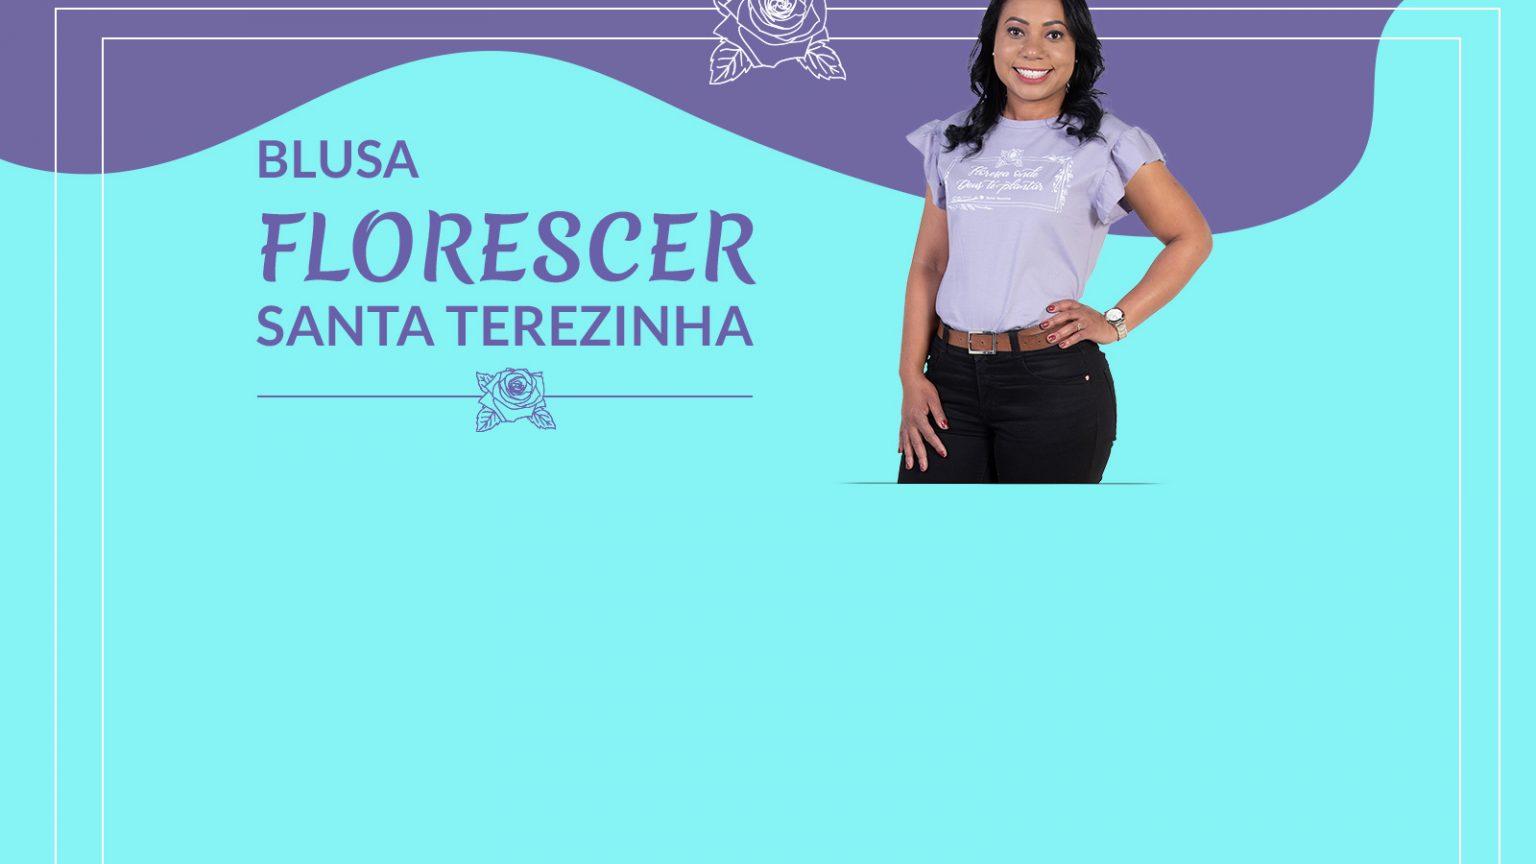 BLUSA-FLORESCER-SANTA-TEREZINHA-Destaque-1600x1200-1536x864.jpg